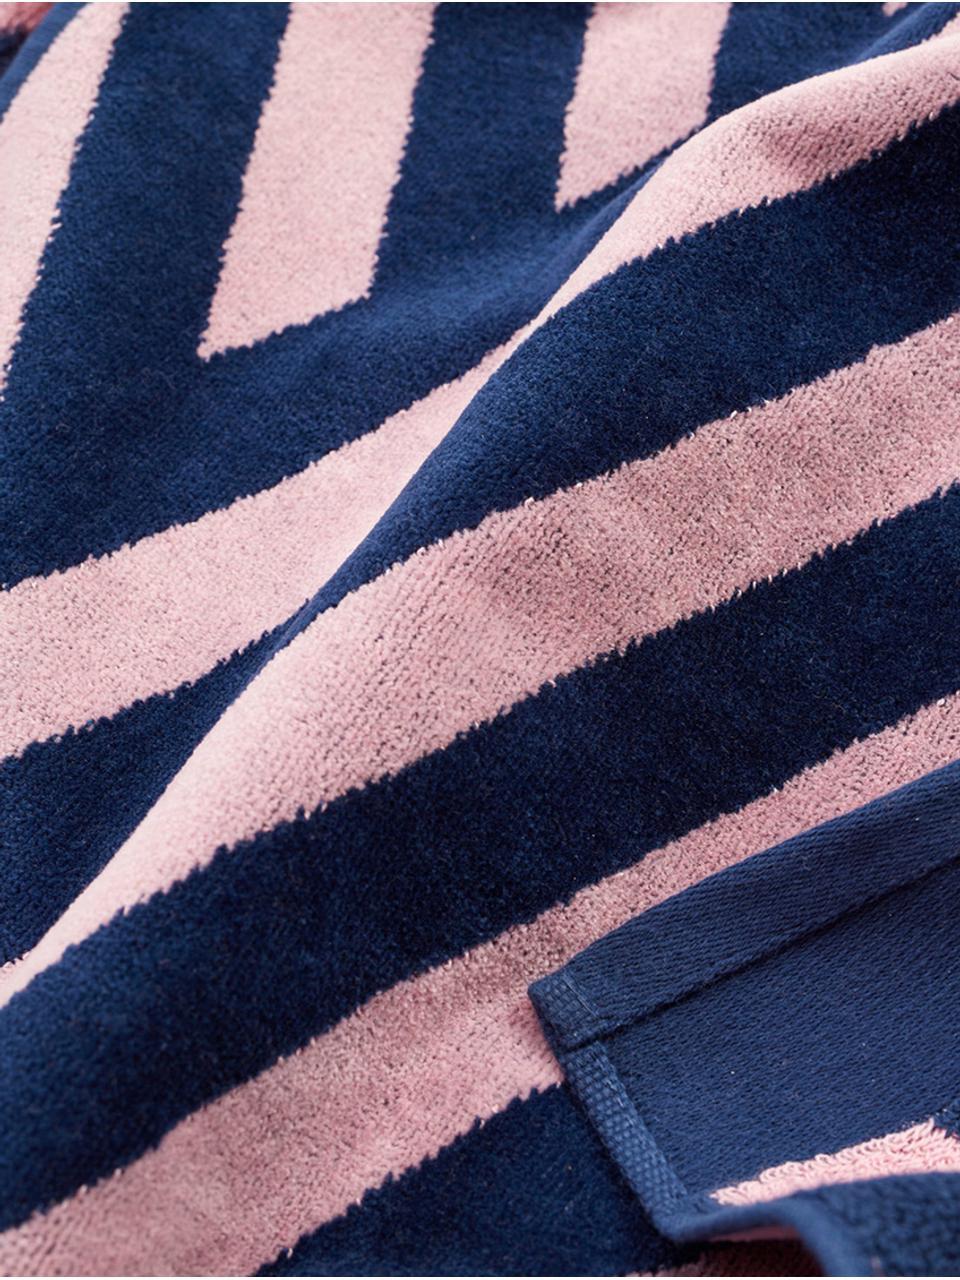 Ręcznik plażowy Bonsall, Ciemny niebieski, różowy, S 80 x D 180 cm